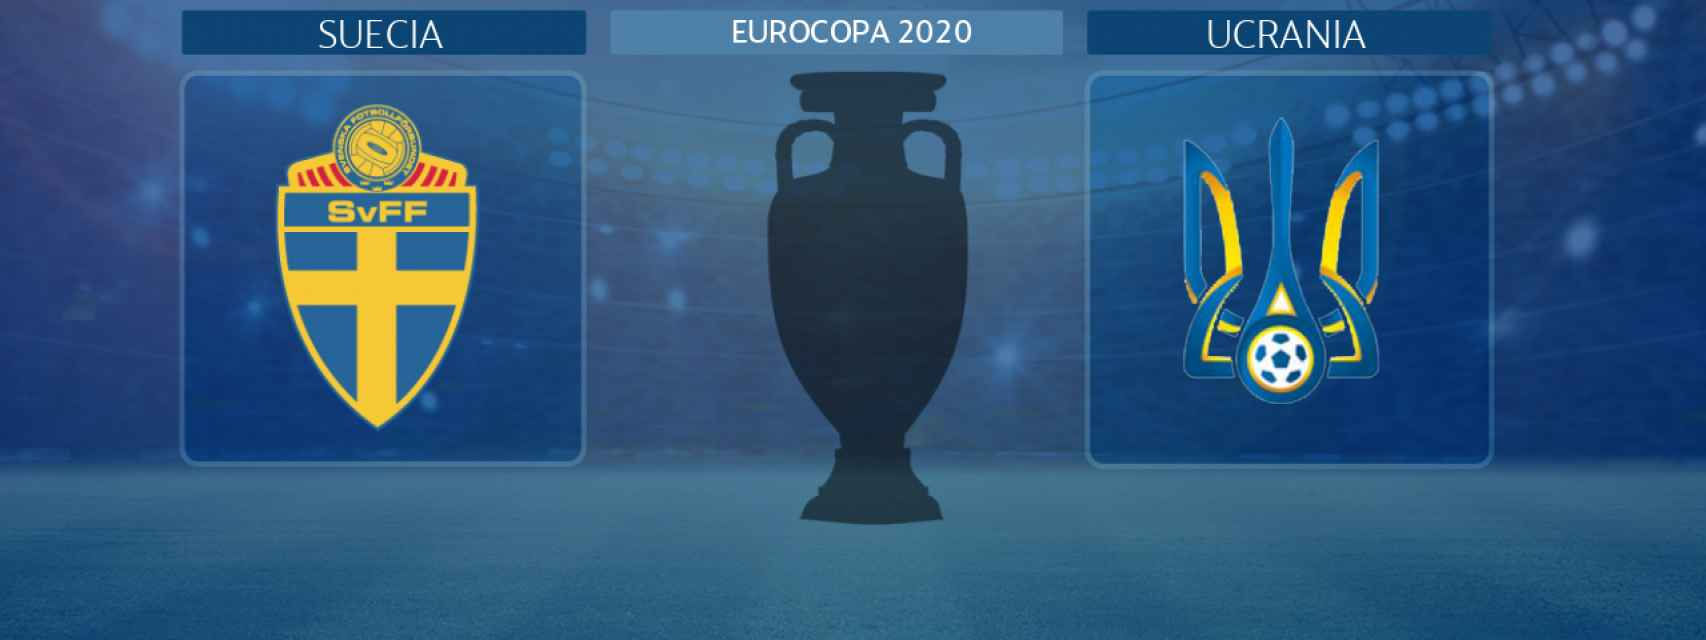 Suecia - Ucrania, partido de la Eurocopa 2020